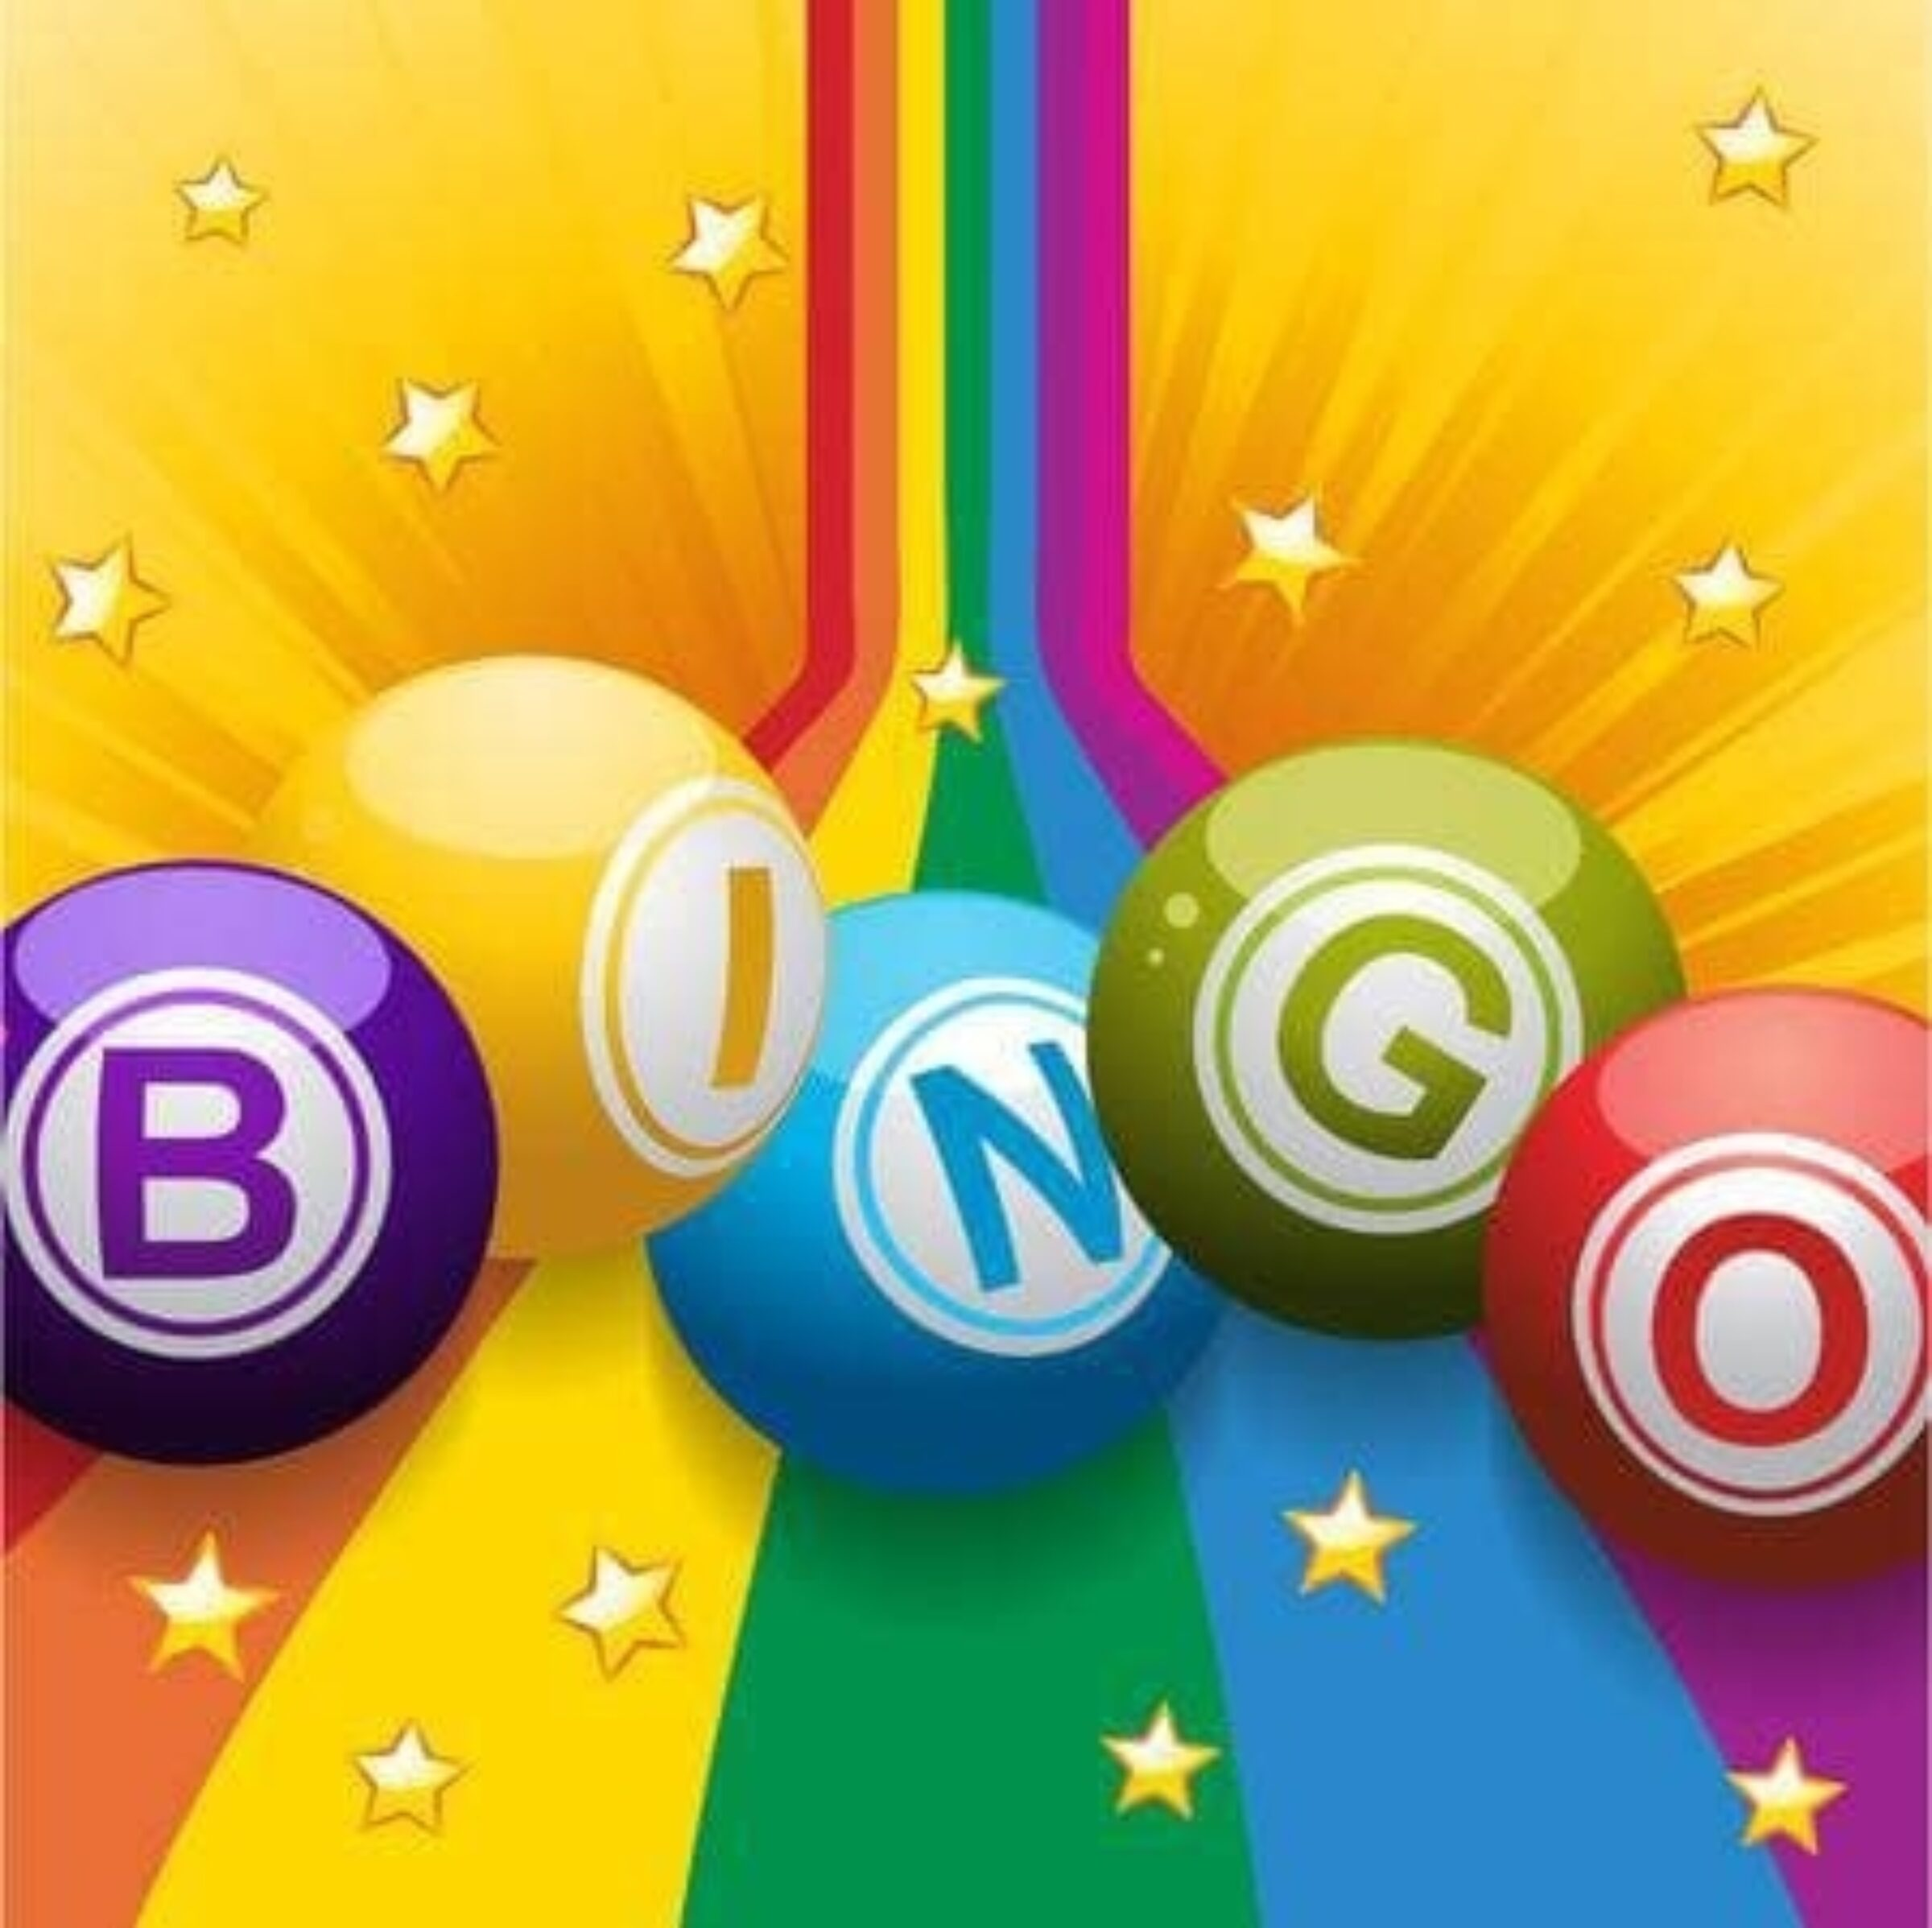 Bingo enschede